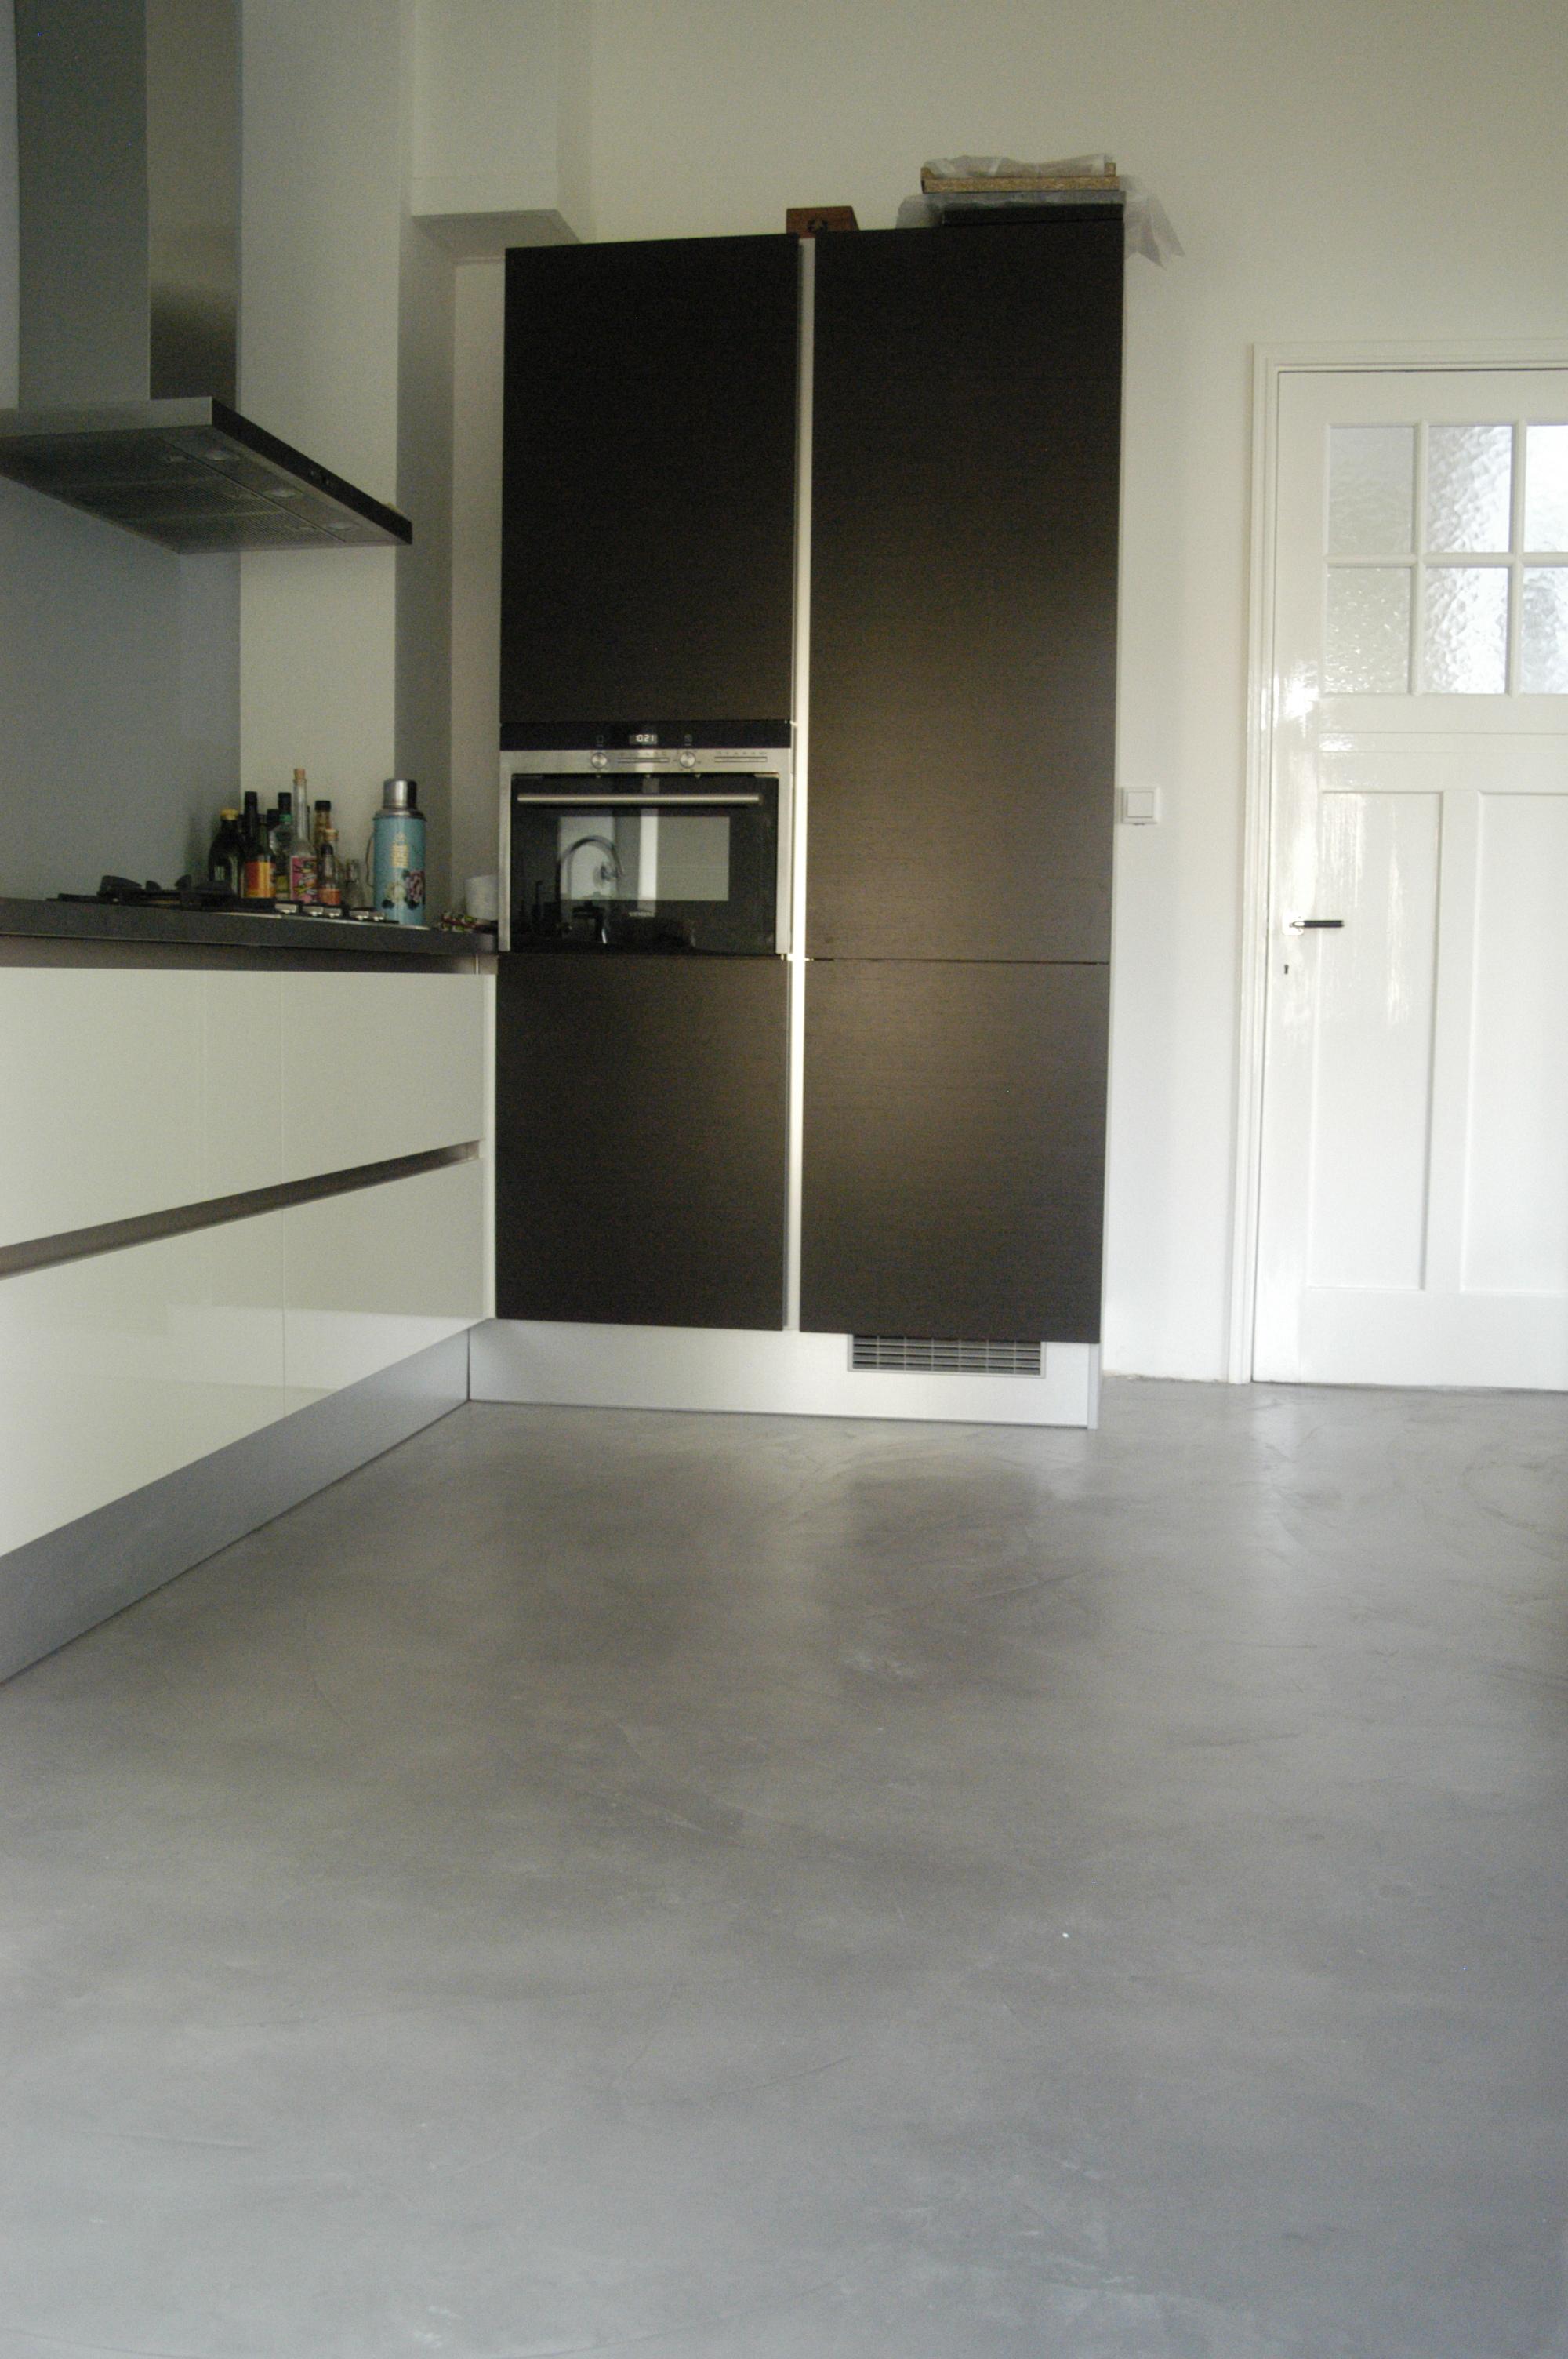 Keukenvloer Woonhuis Nijmegen Beton Cir 233 In Gris Acier